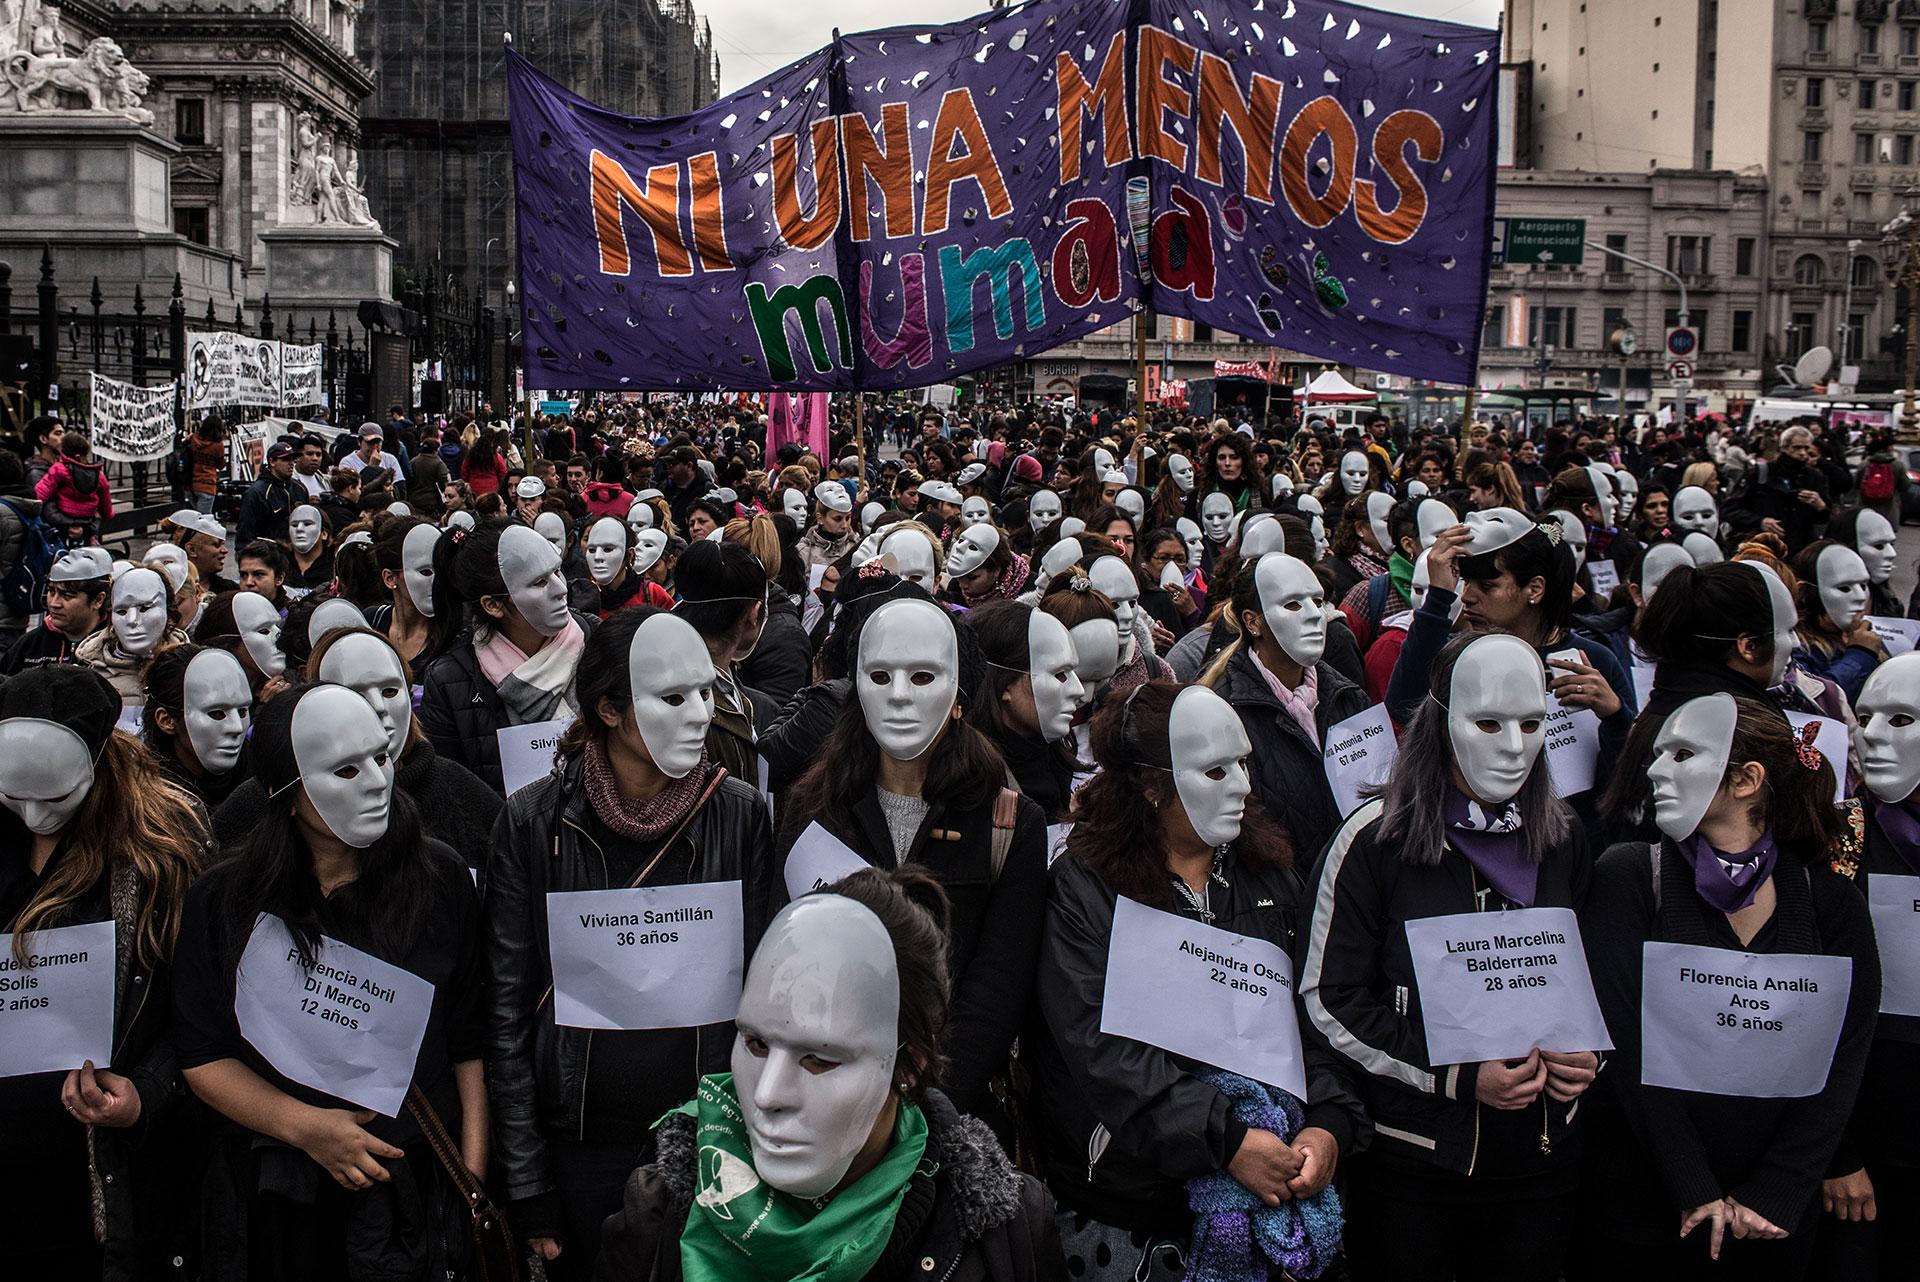 Buenos Aires, junio, 3 de 2017. Las mujeres pertenecientes al movimiento Mumala (mujeres de la matria latioamericana) se manifiestan antes de comenzar la marcha de Ni Una Menos con una máscara y el nombre de una víctima asesinada en los meses previos frente al departamento nacional de mujeres del gobierno.